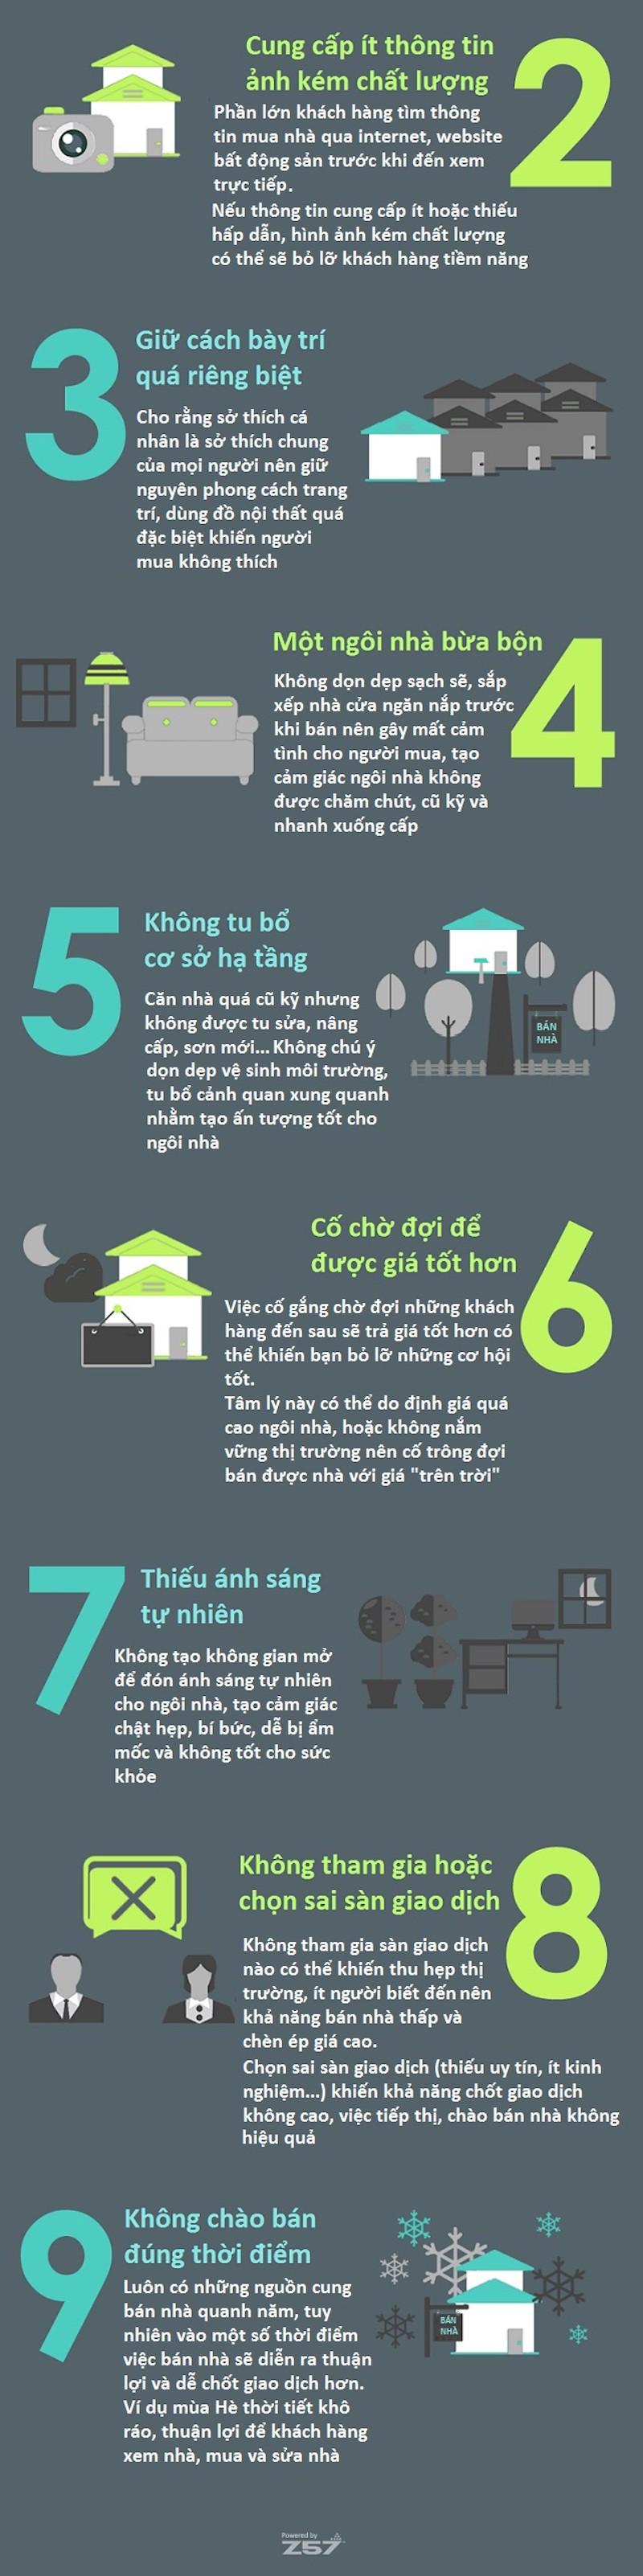 [Infographic] 9 sai lầm thường gặp khiến nhà bán mãi không được - Ảnh 1.